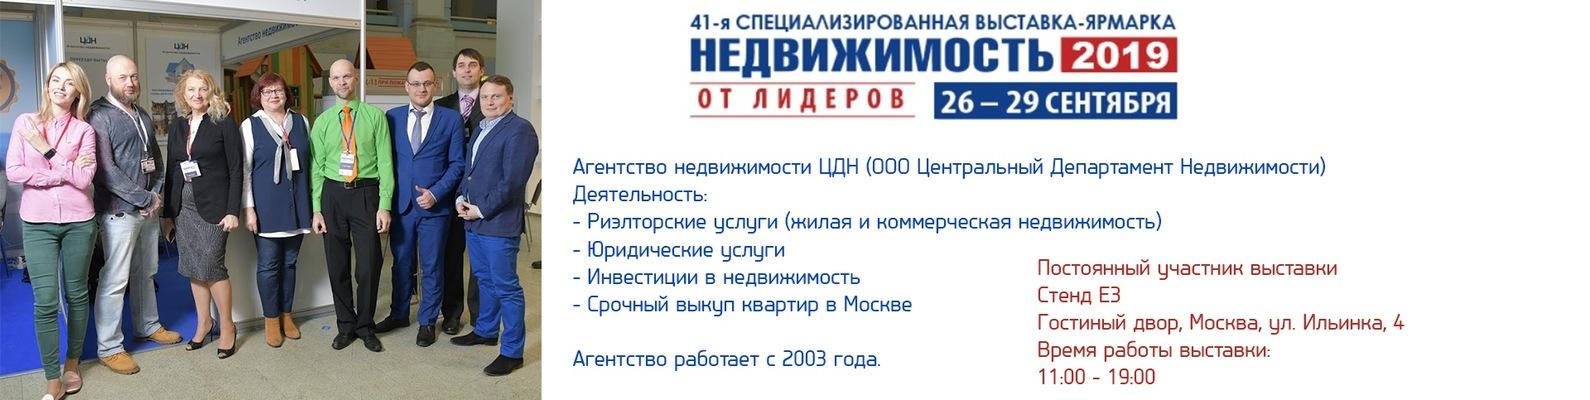 услуги по недвижимости москва